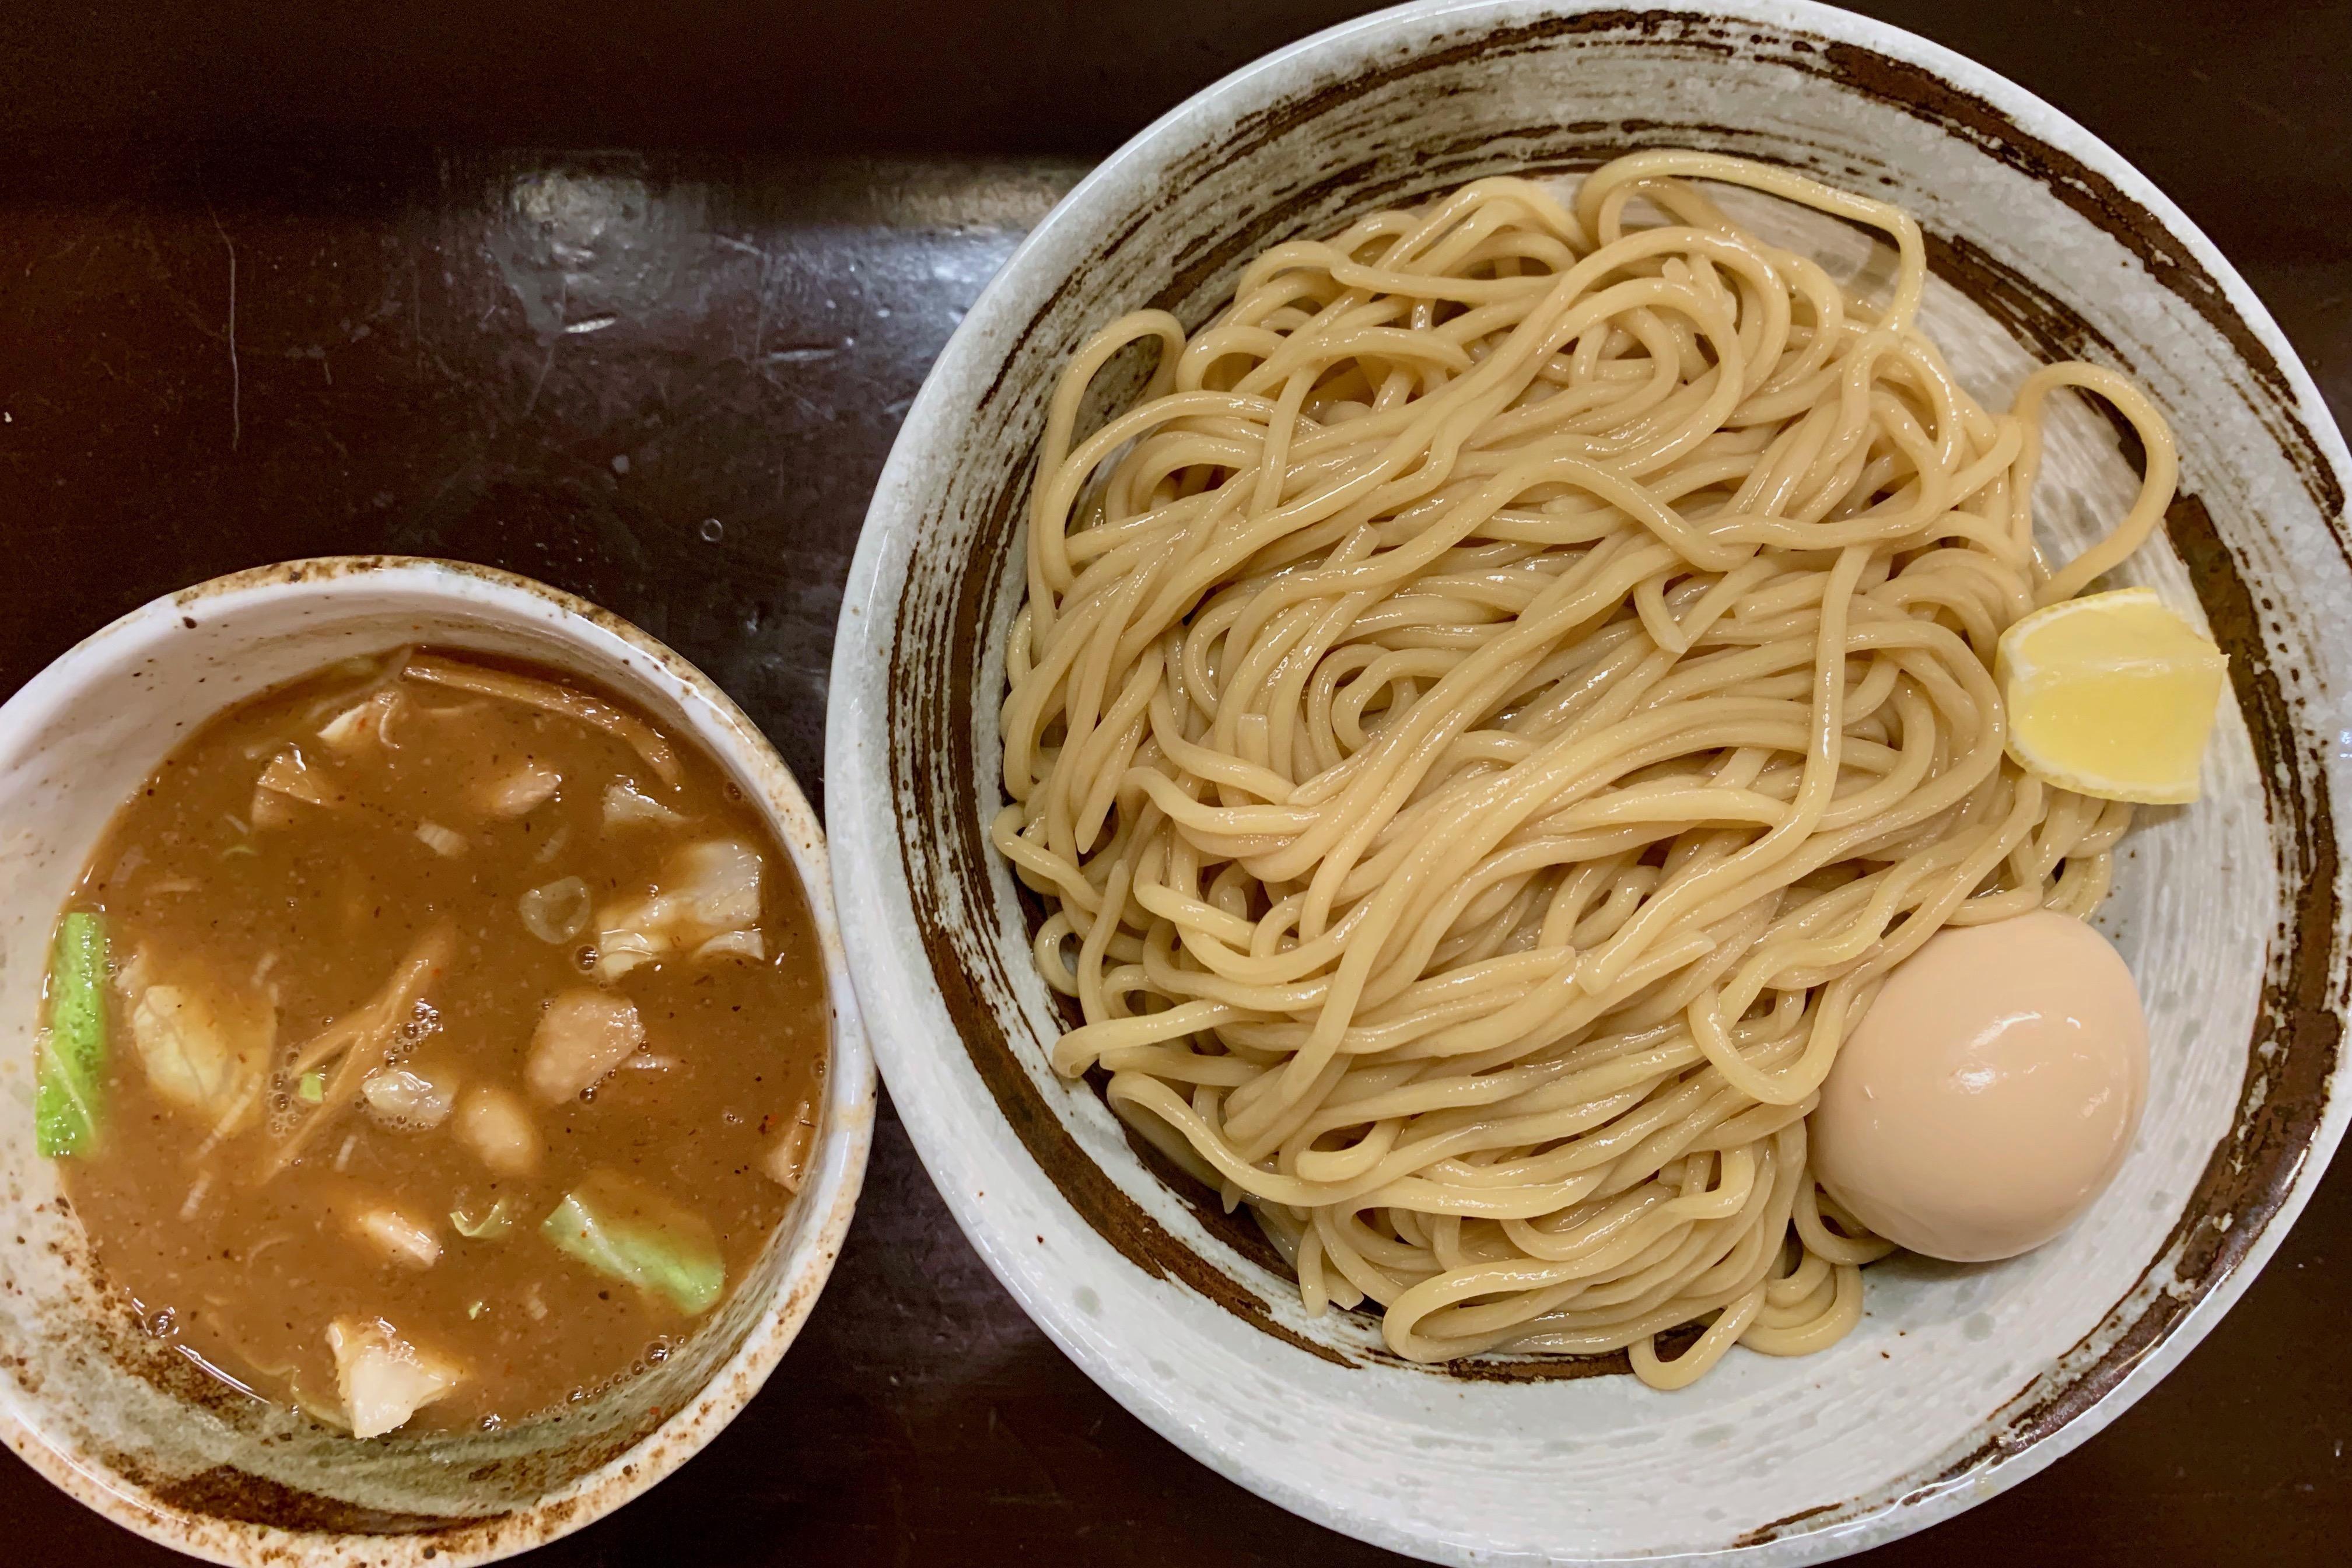 づゅる麺池田の味玉つけ麺